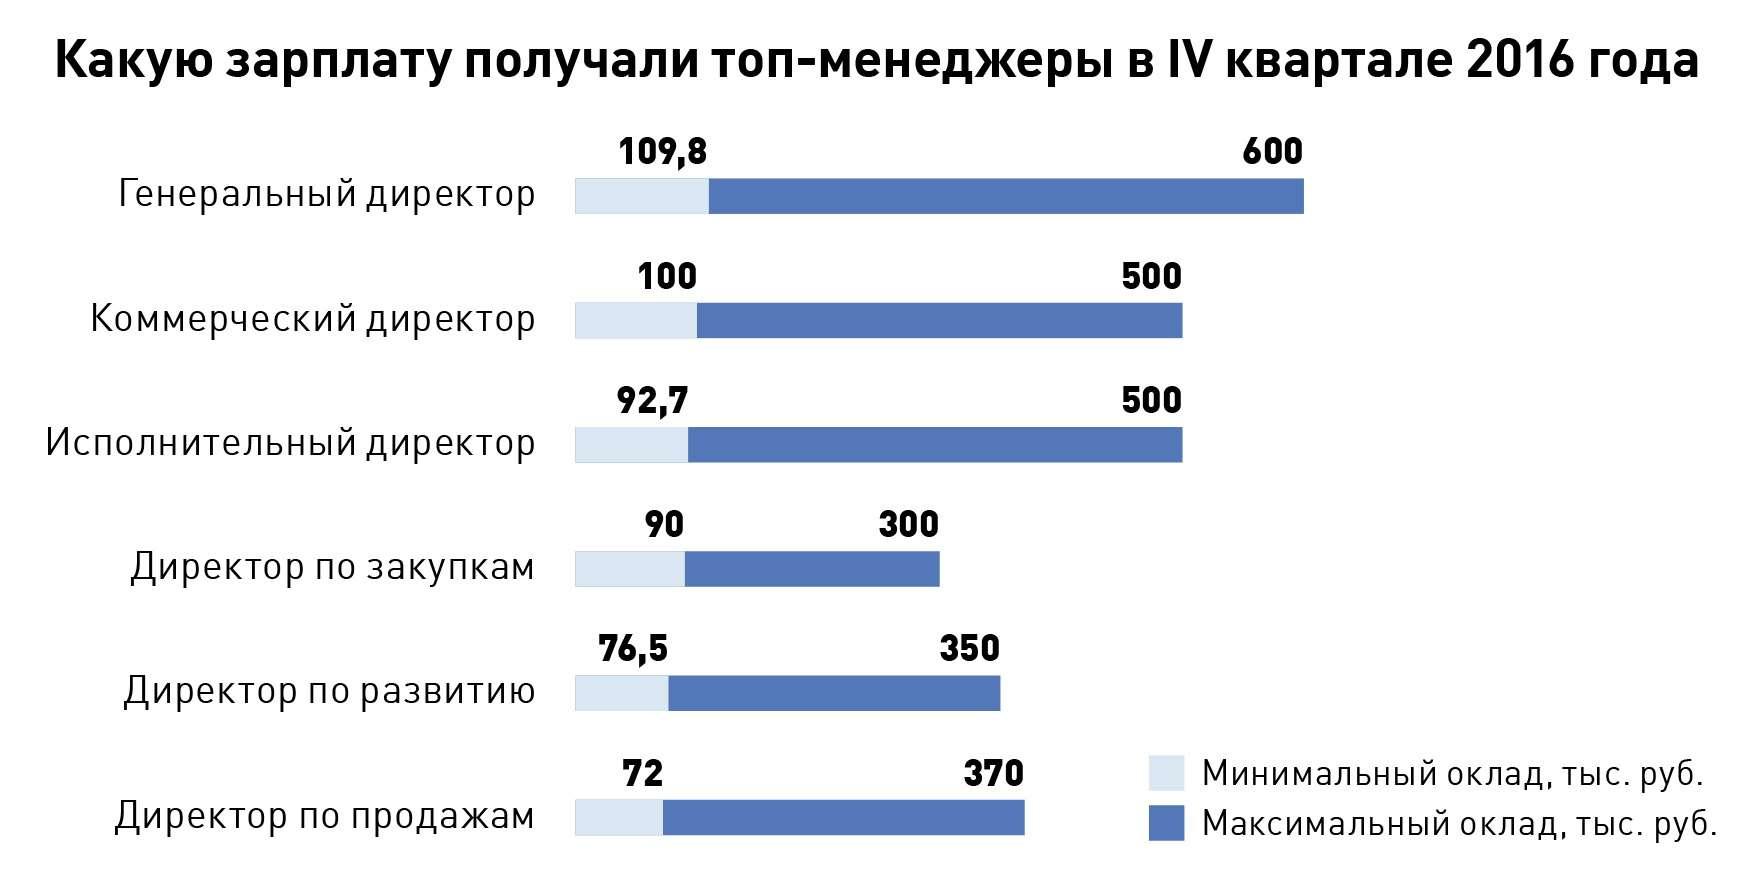 Скачать журнал работа и зарплата в москве